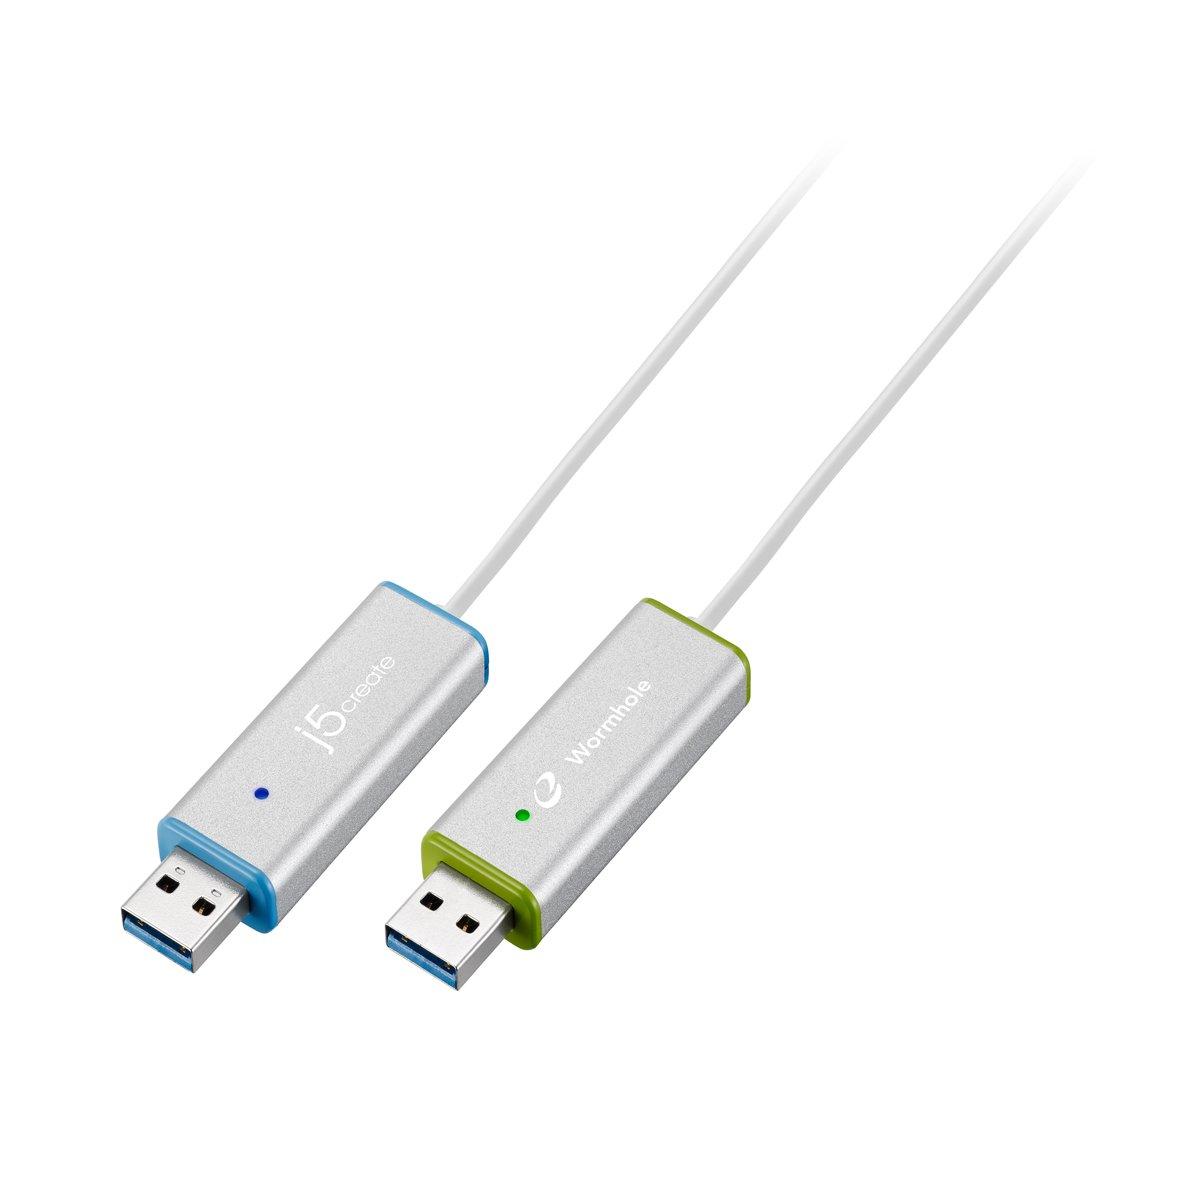 ワームホールスイッチ USB3.0 ディスプレイシェア シルバー JUC700